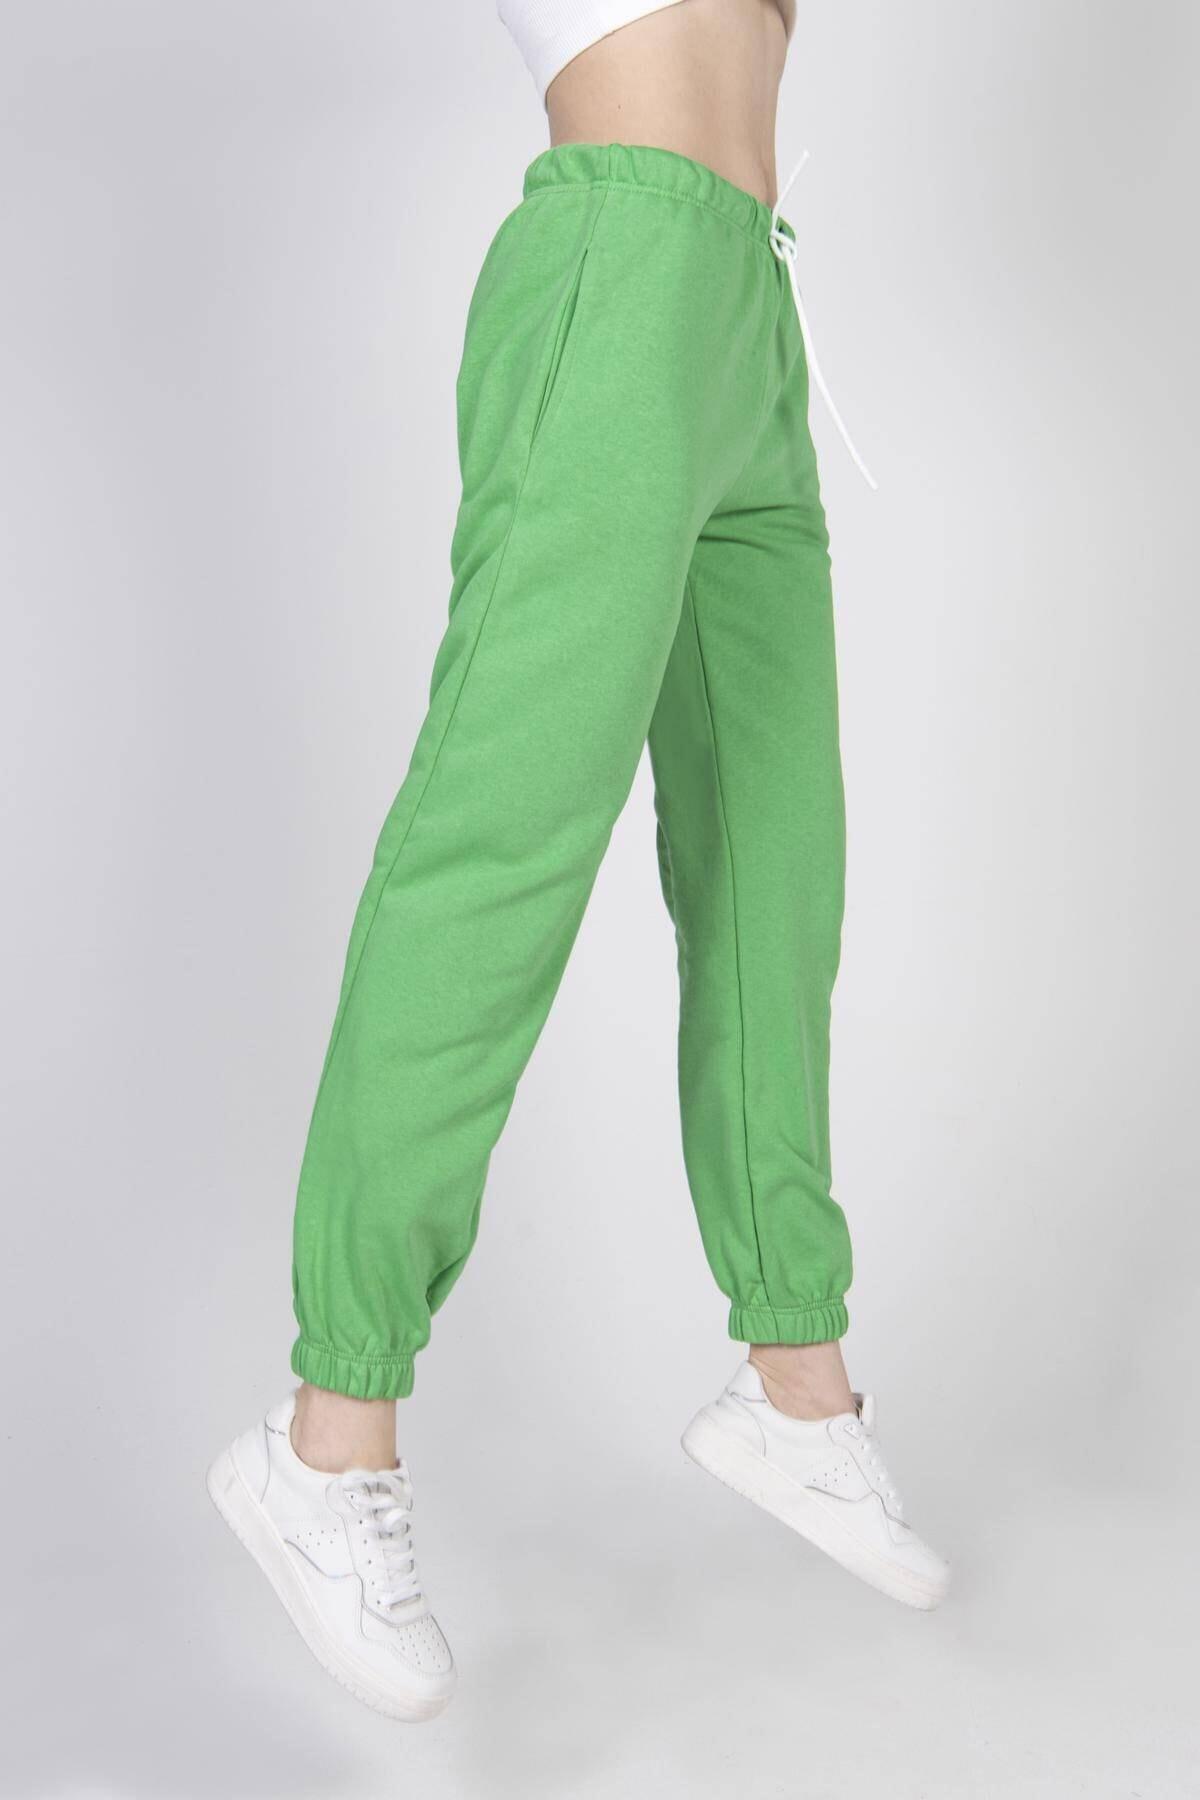 Addax Kadın Limon Yeşil Paçası Lastikli Eşofman EŞF0630 - T5 ADX-0000017572 2